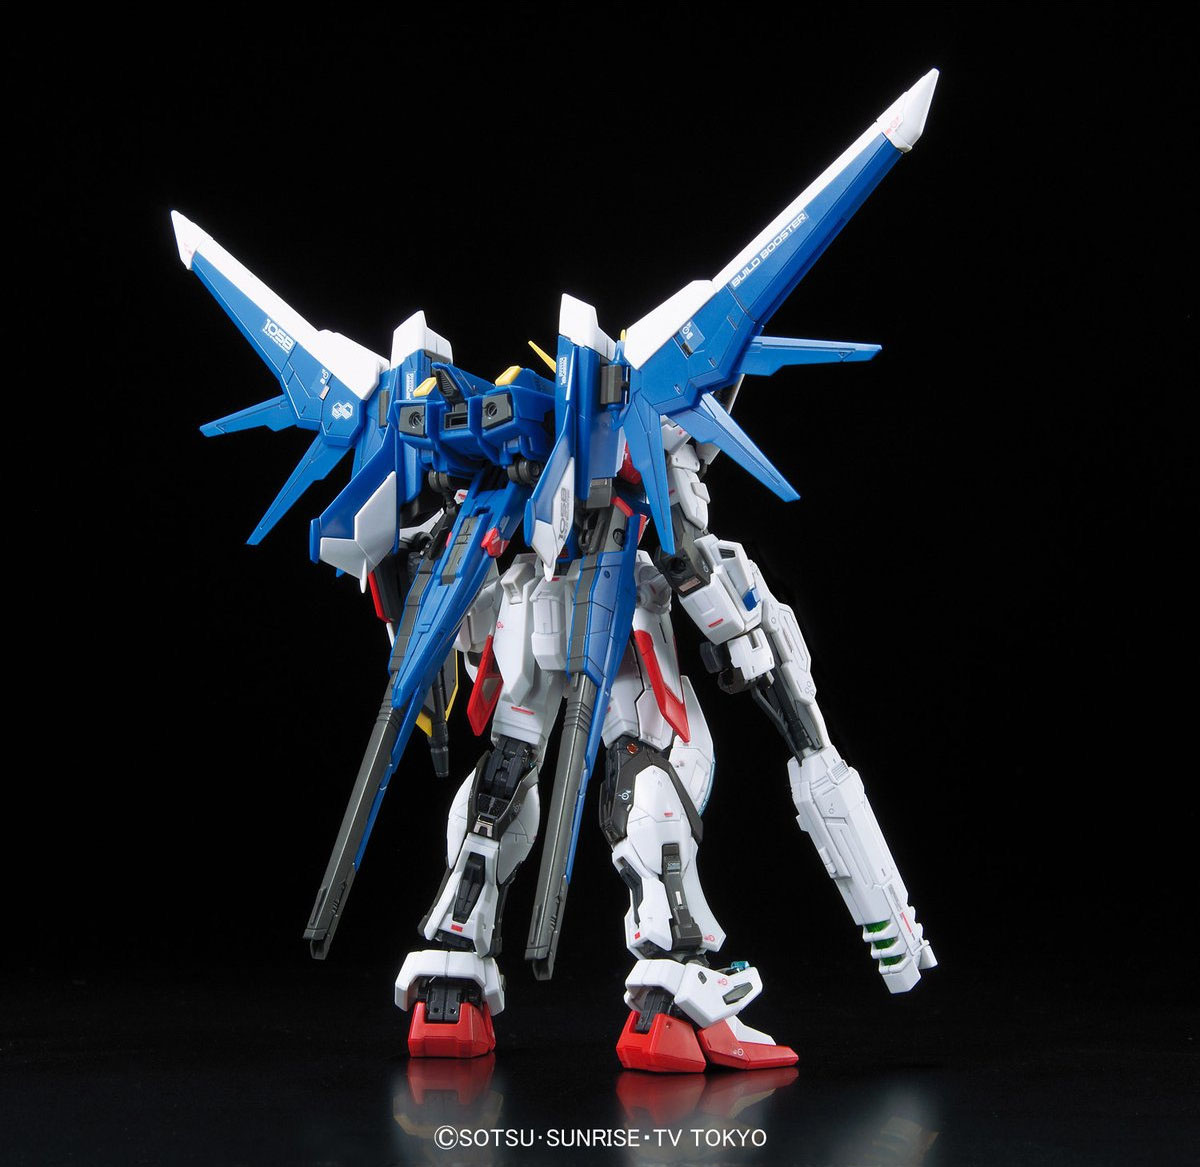 GAT-X105B/FP Build Strike Gundam Full Package | The Gundam